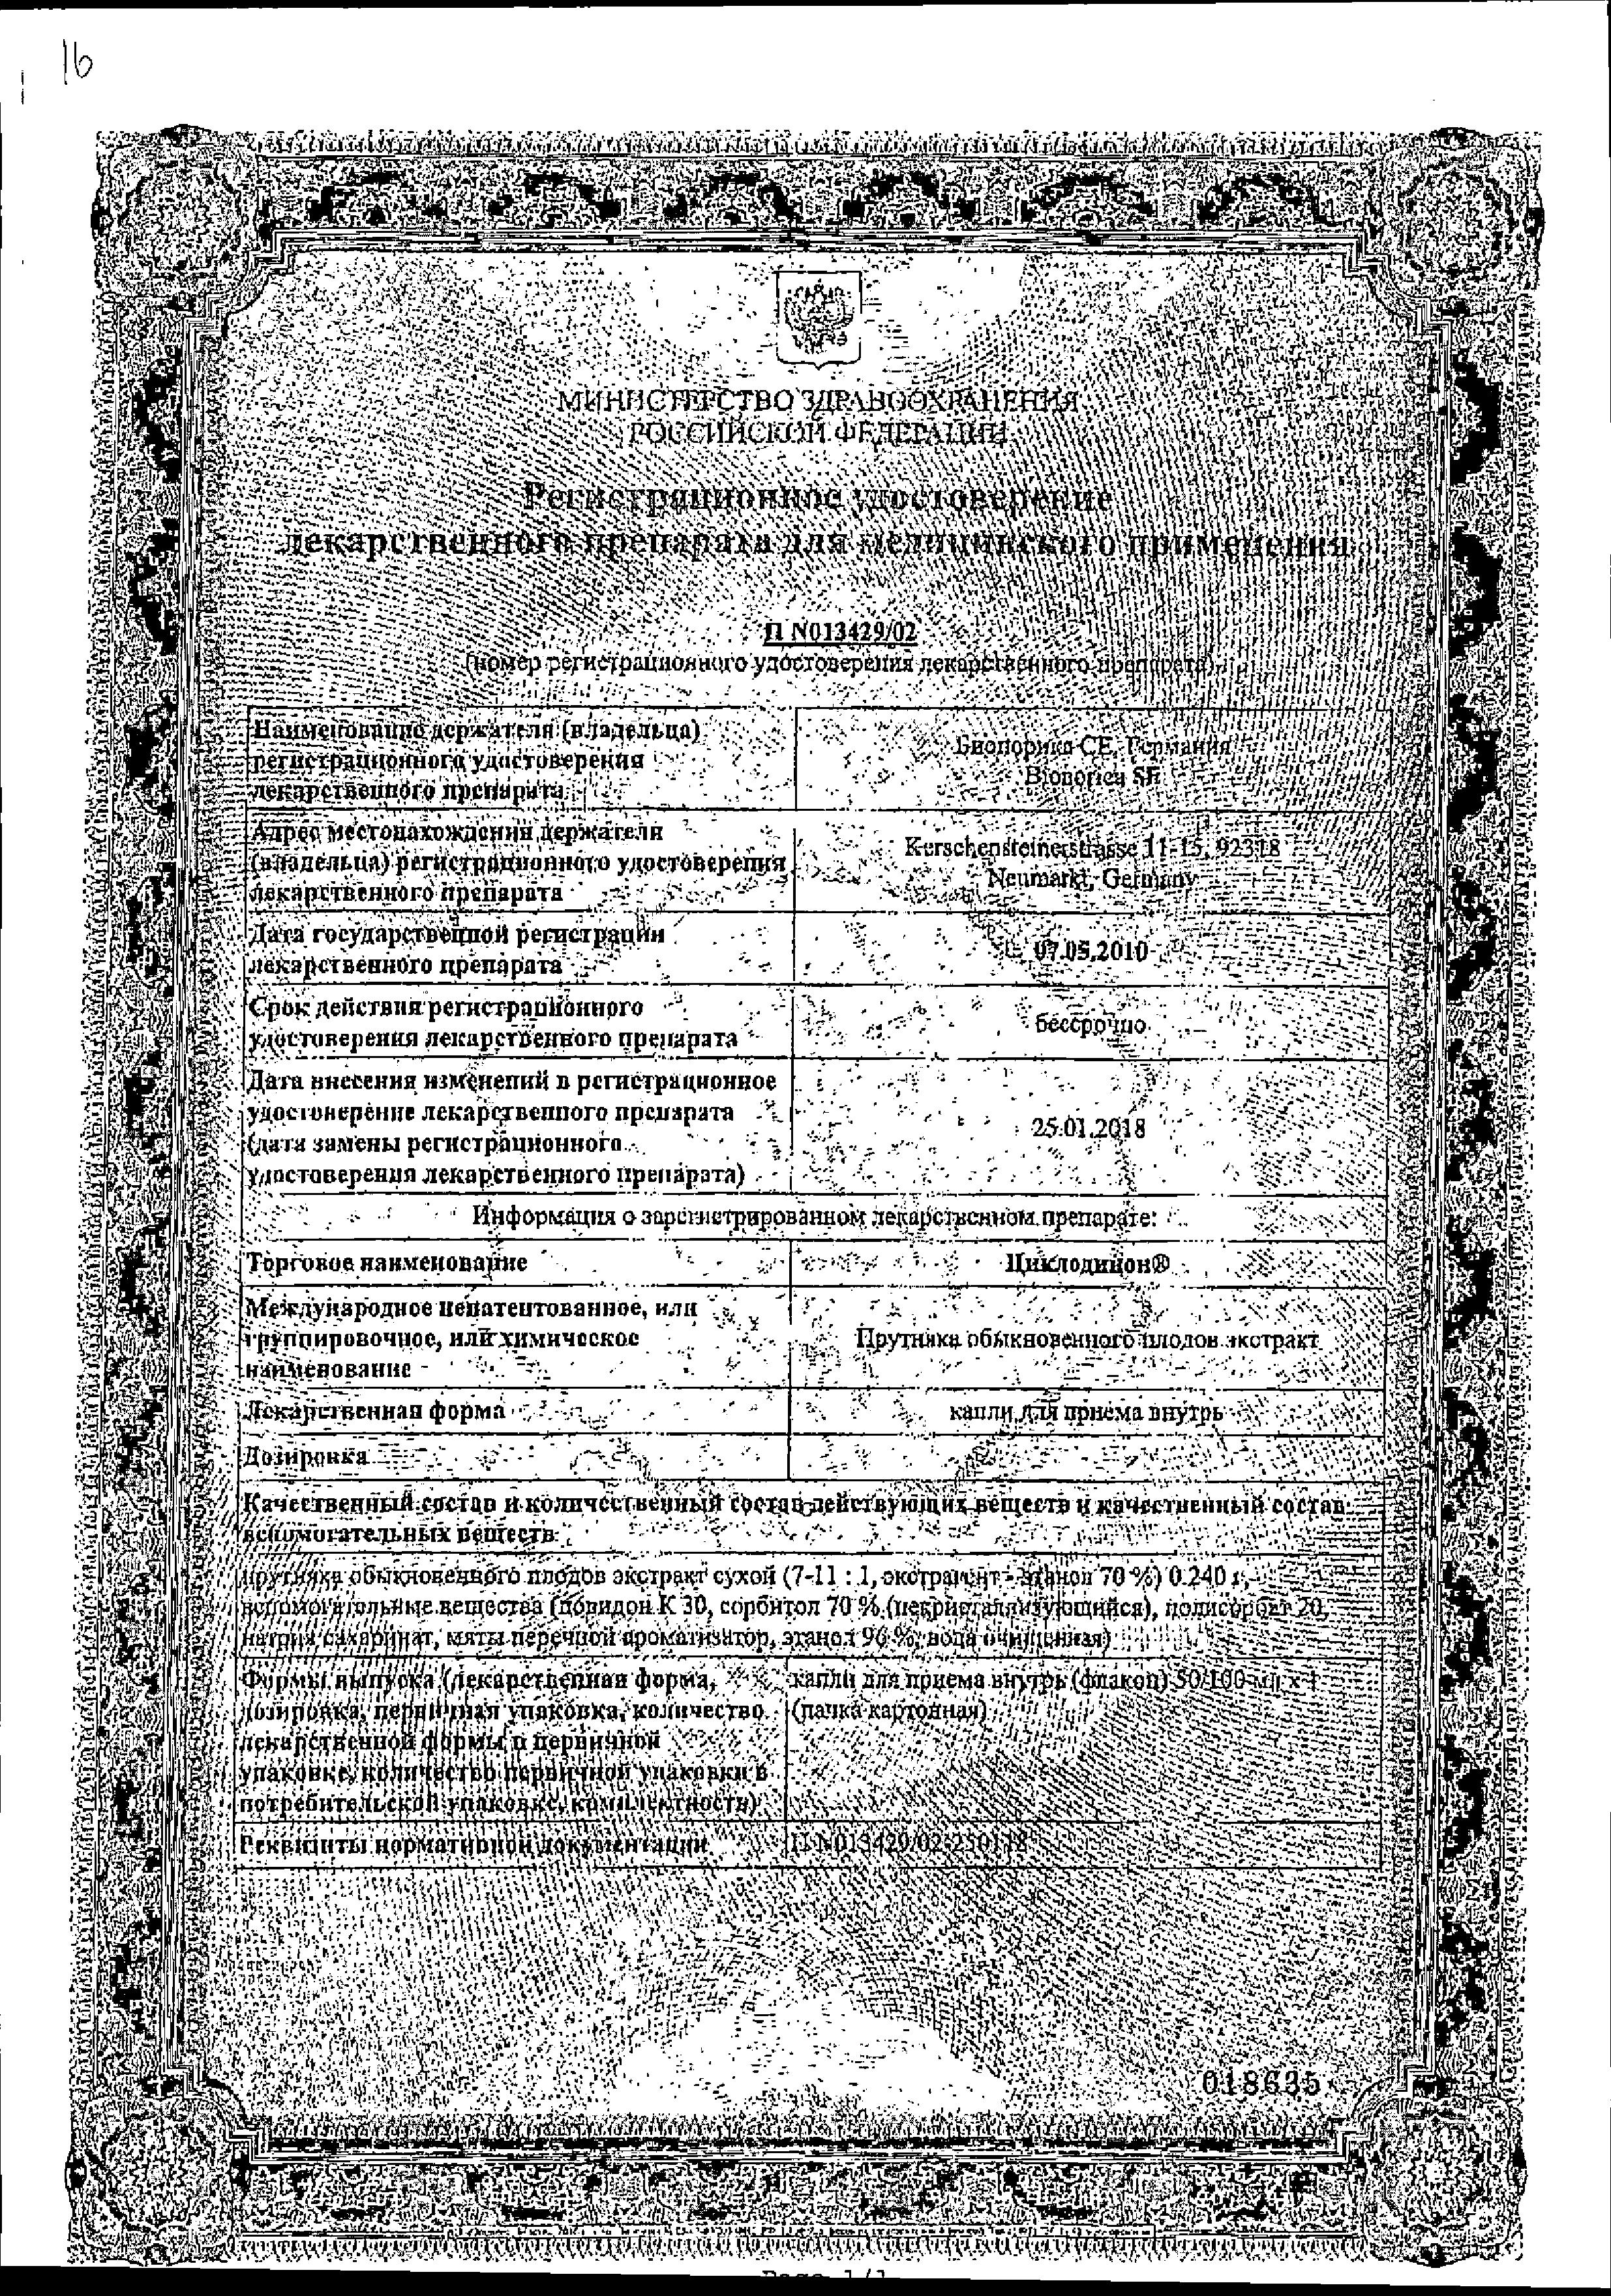 Циклодинон сертификат